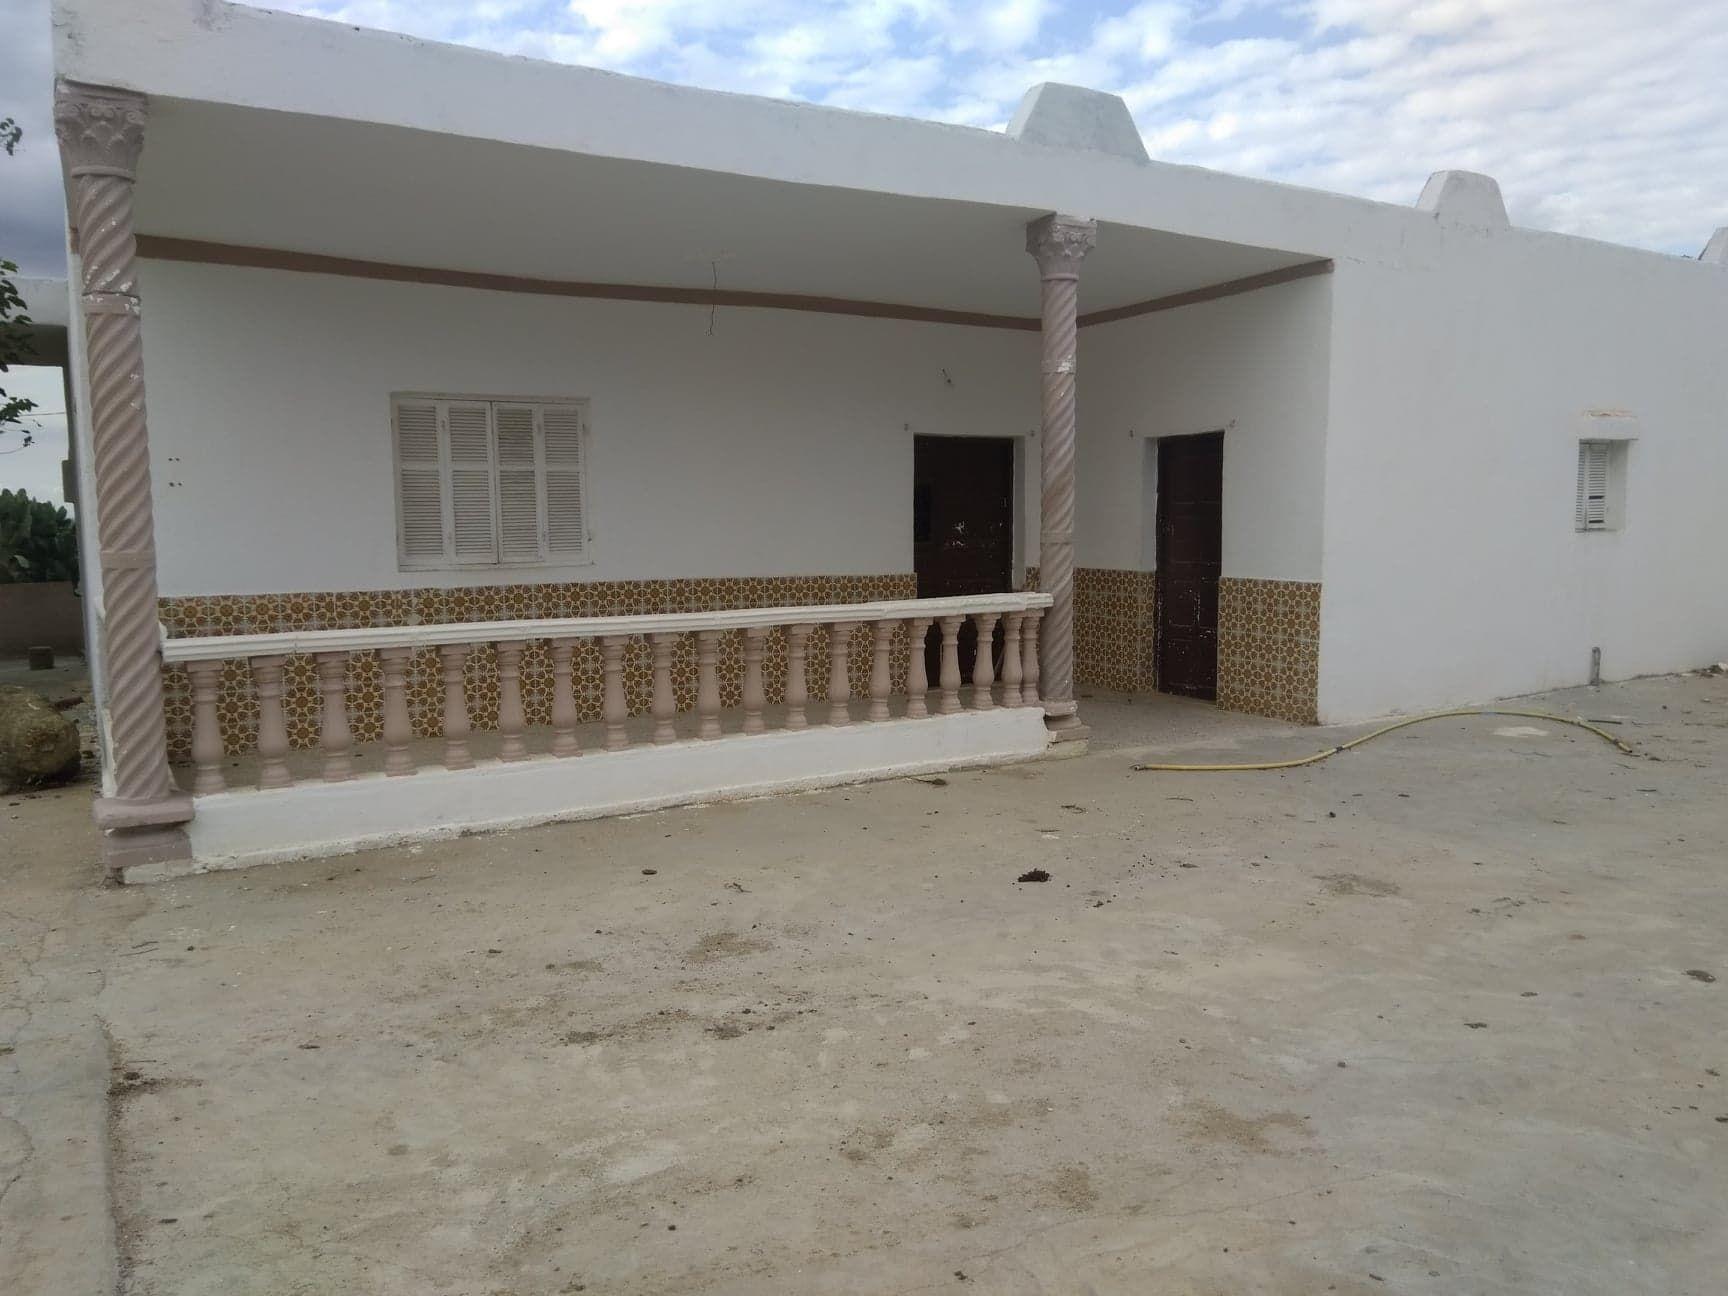 A vendre une maison avec terrain